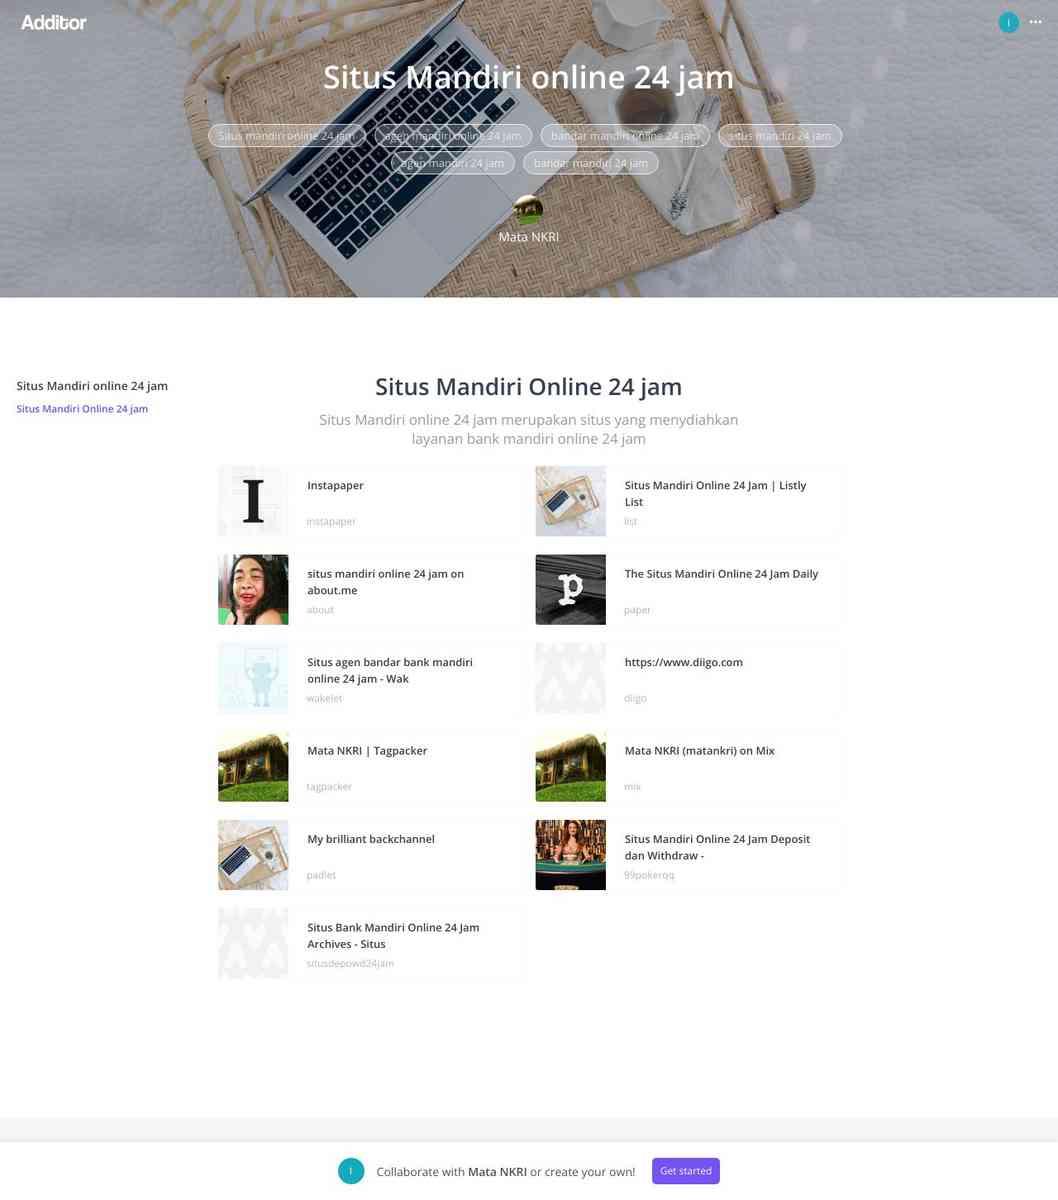 app.additor.io/p/aGz4Fboa